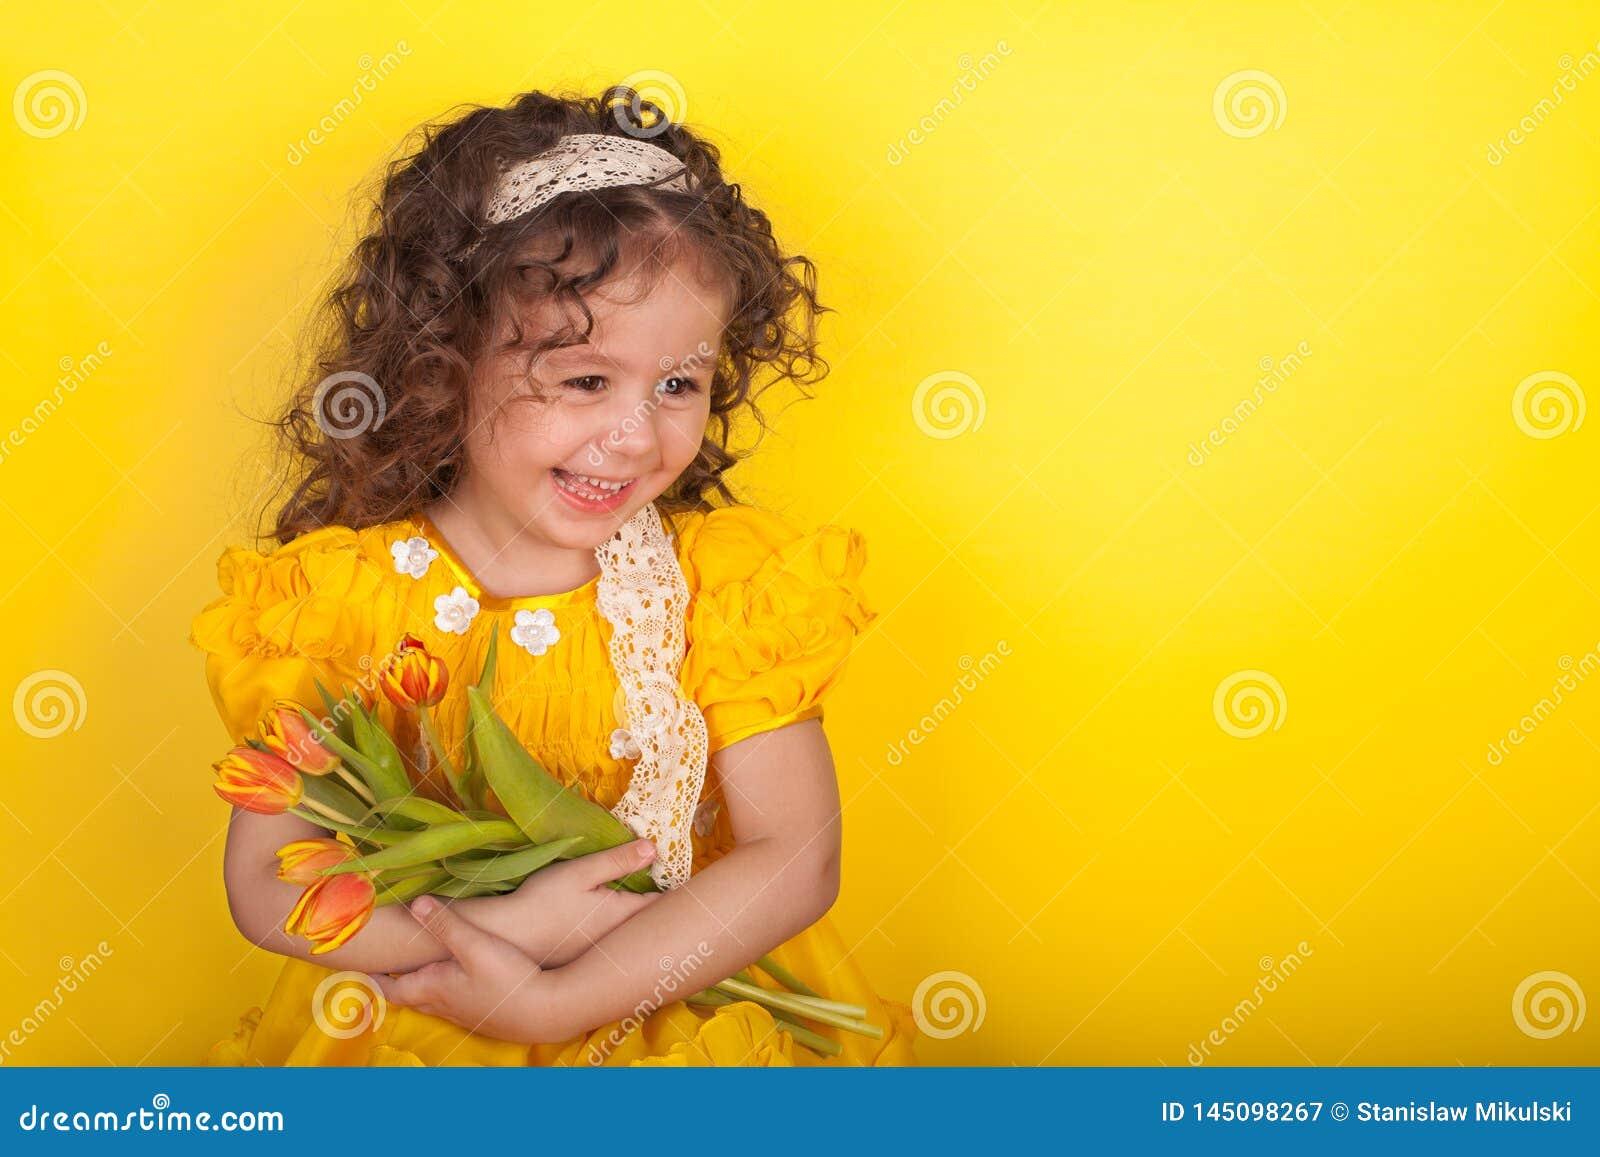 Μικρό κορίτσι με τις τουλίπες στα χέρια στο κίτρινο υπόβαθρο